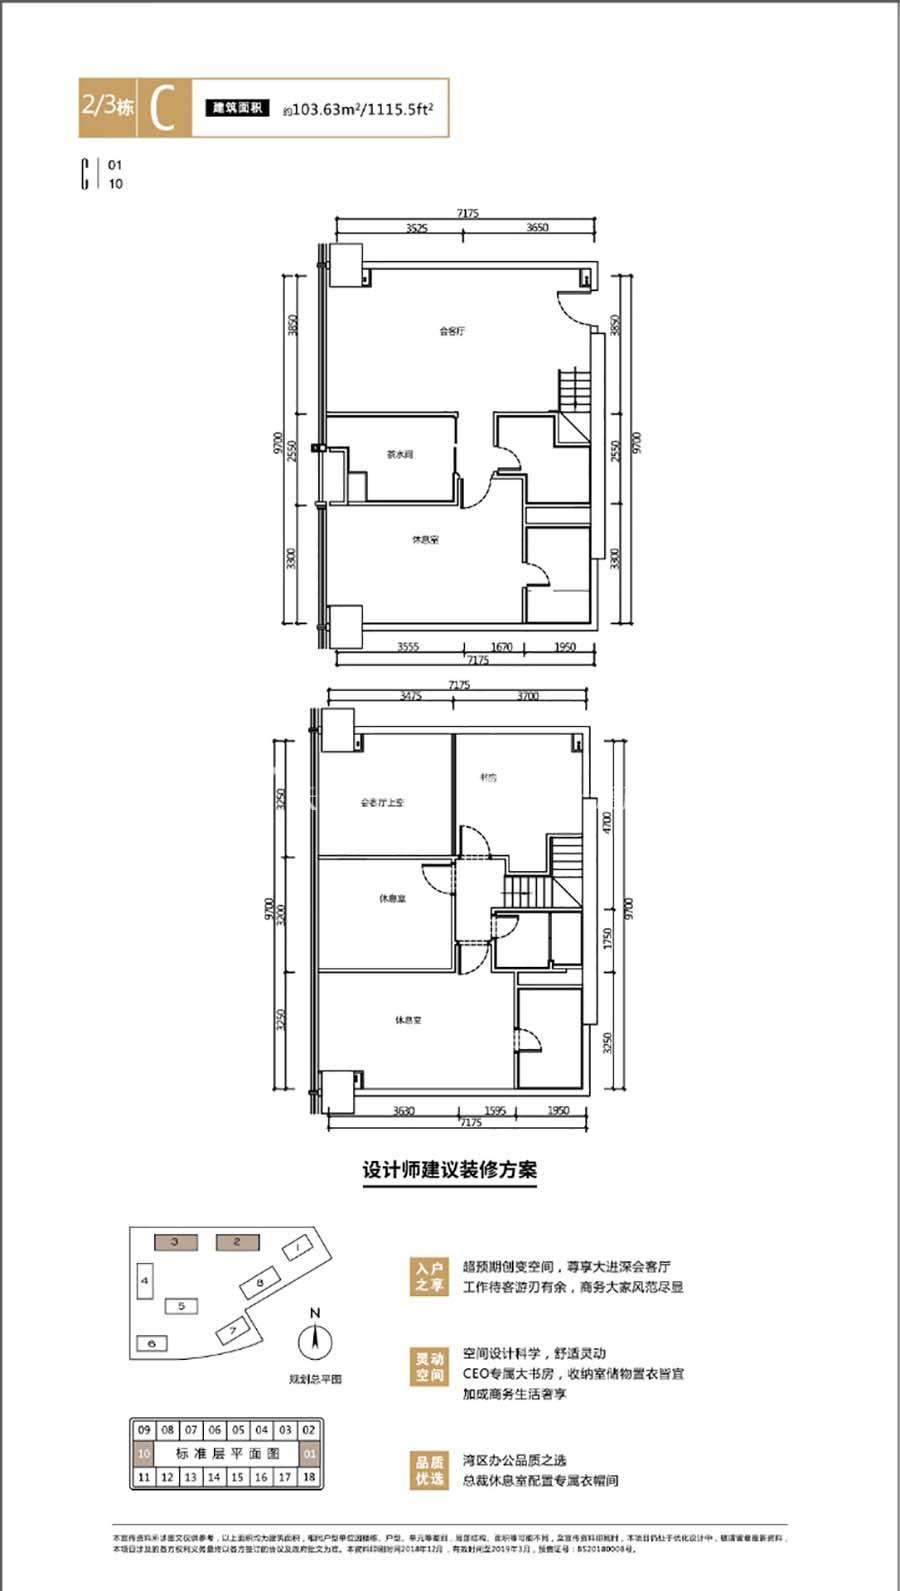 珠海泰禾中央广场2/3栋C户型/建筑面积:约103.63m²